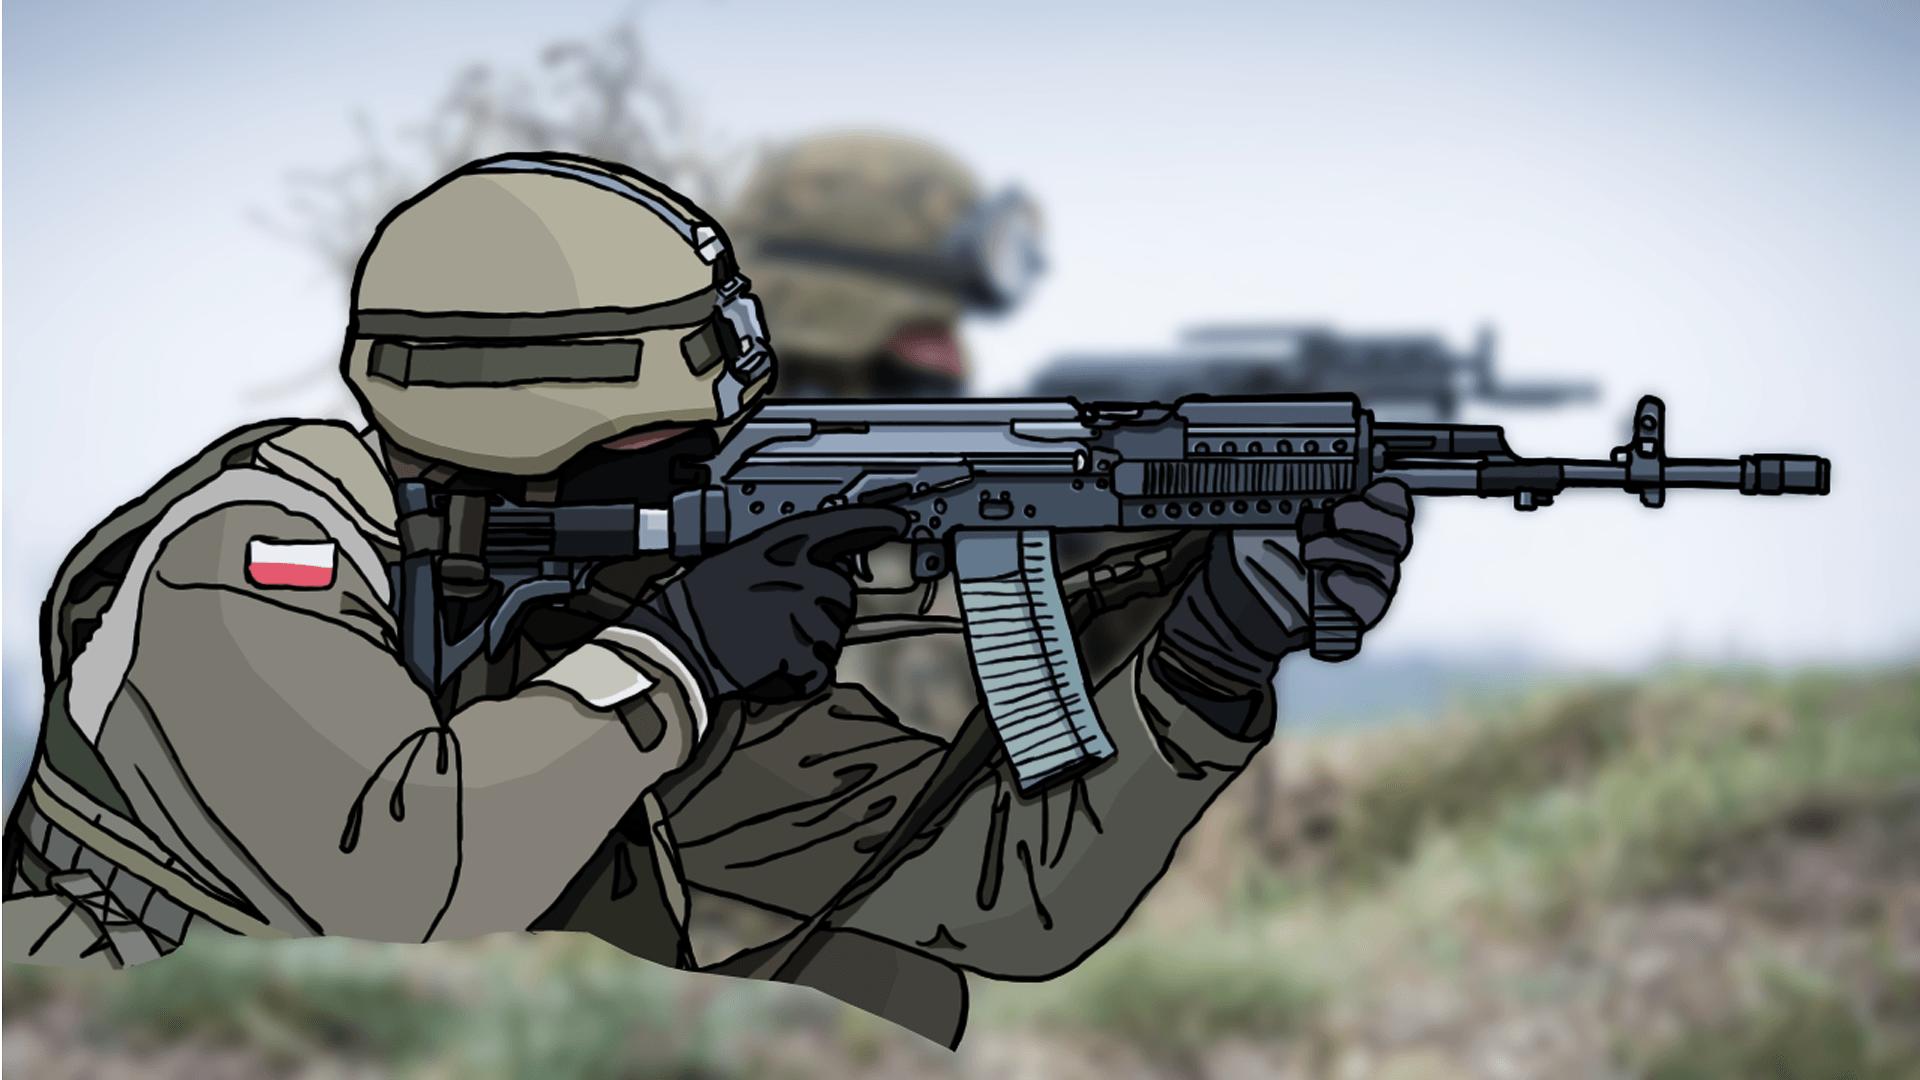 картинки солдат из игр с автоматом калашникова сыграет важную роль